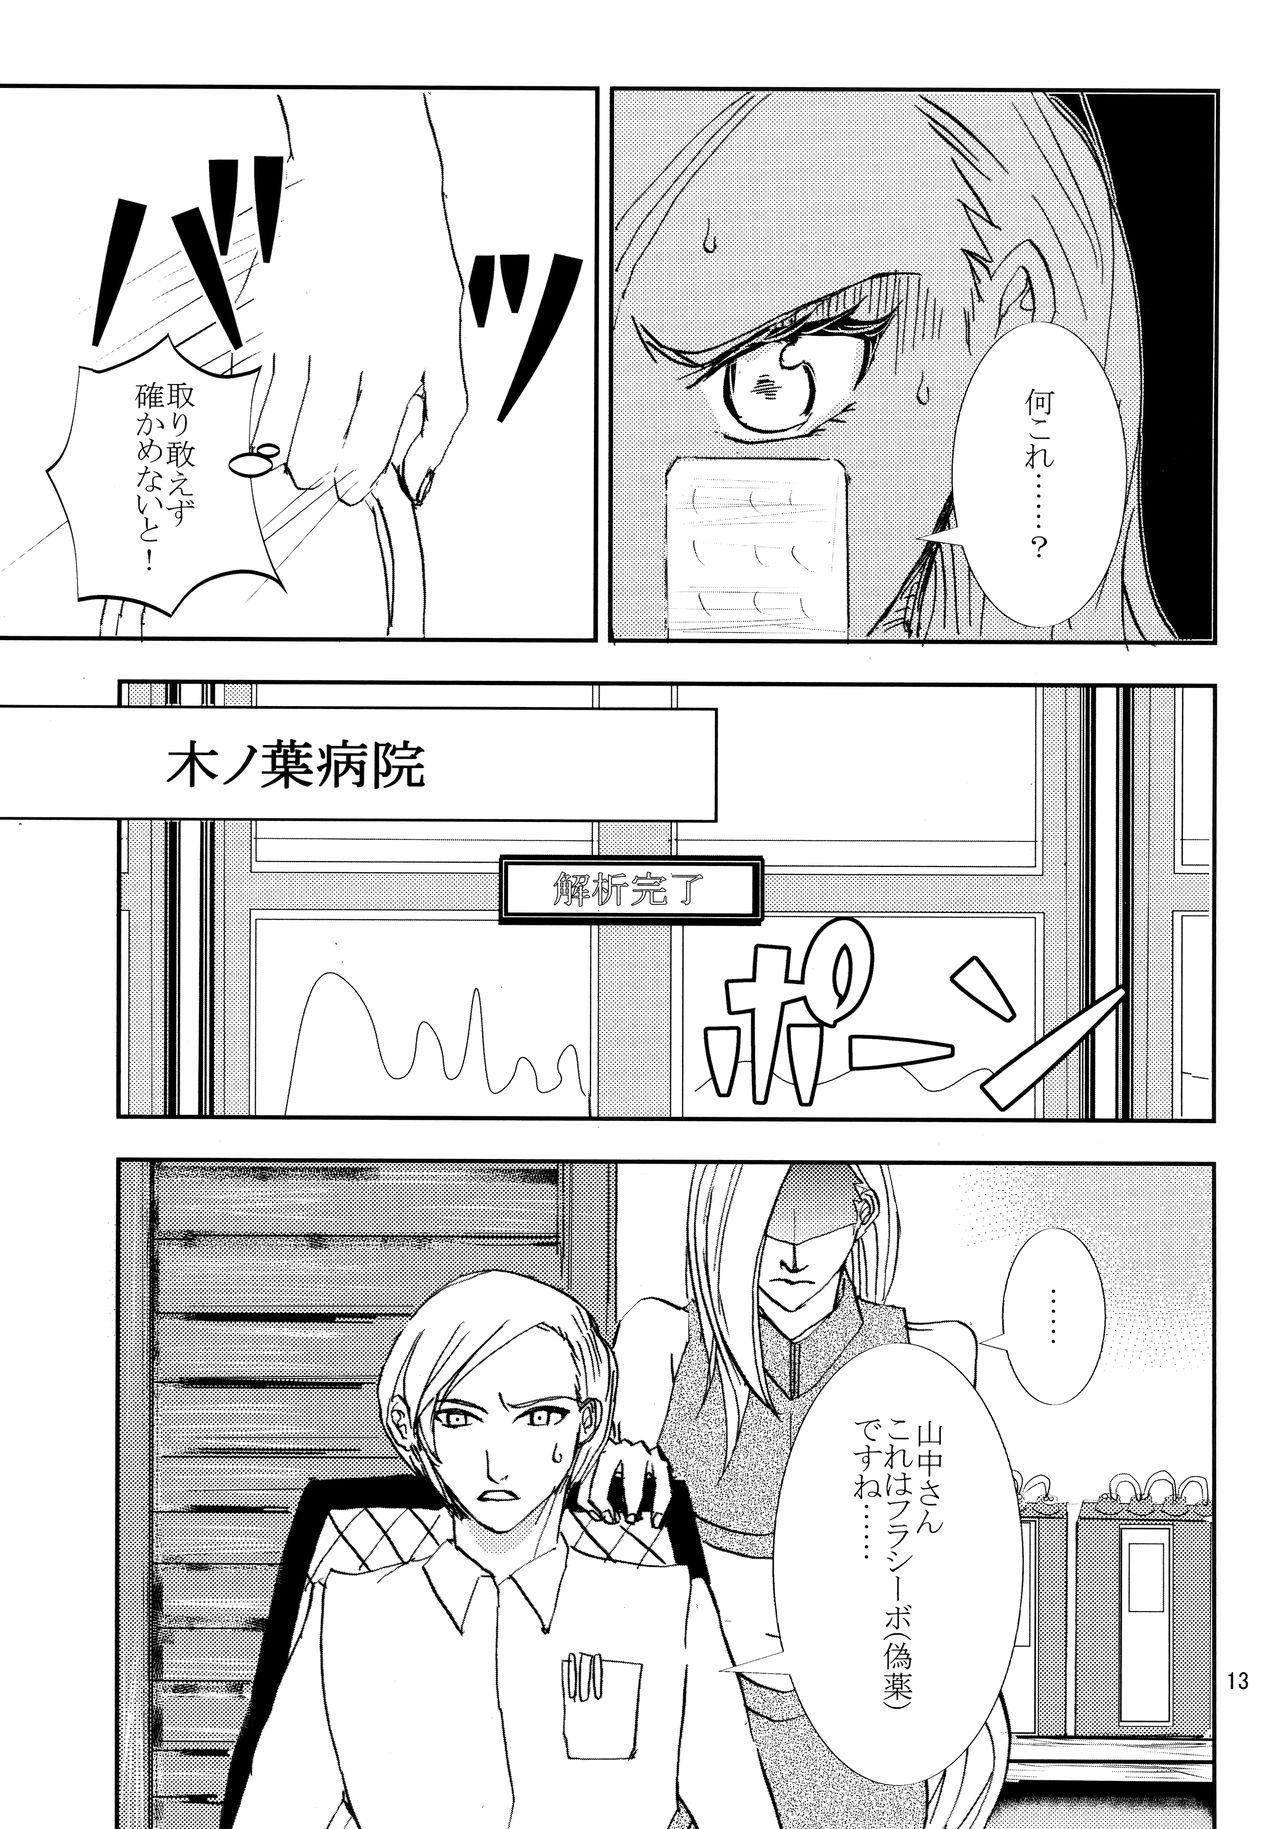 Kawaii Hito 11